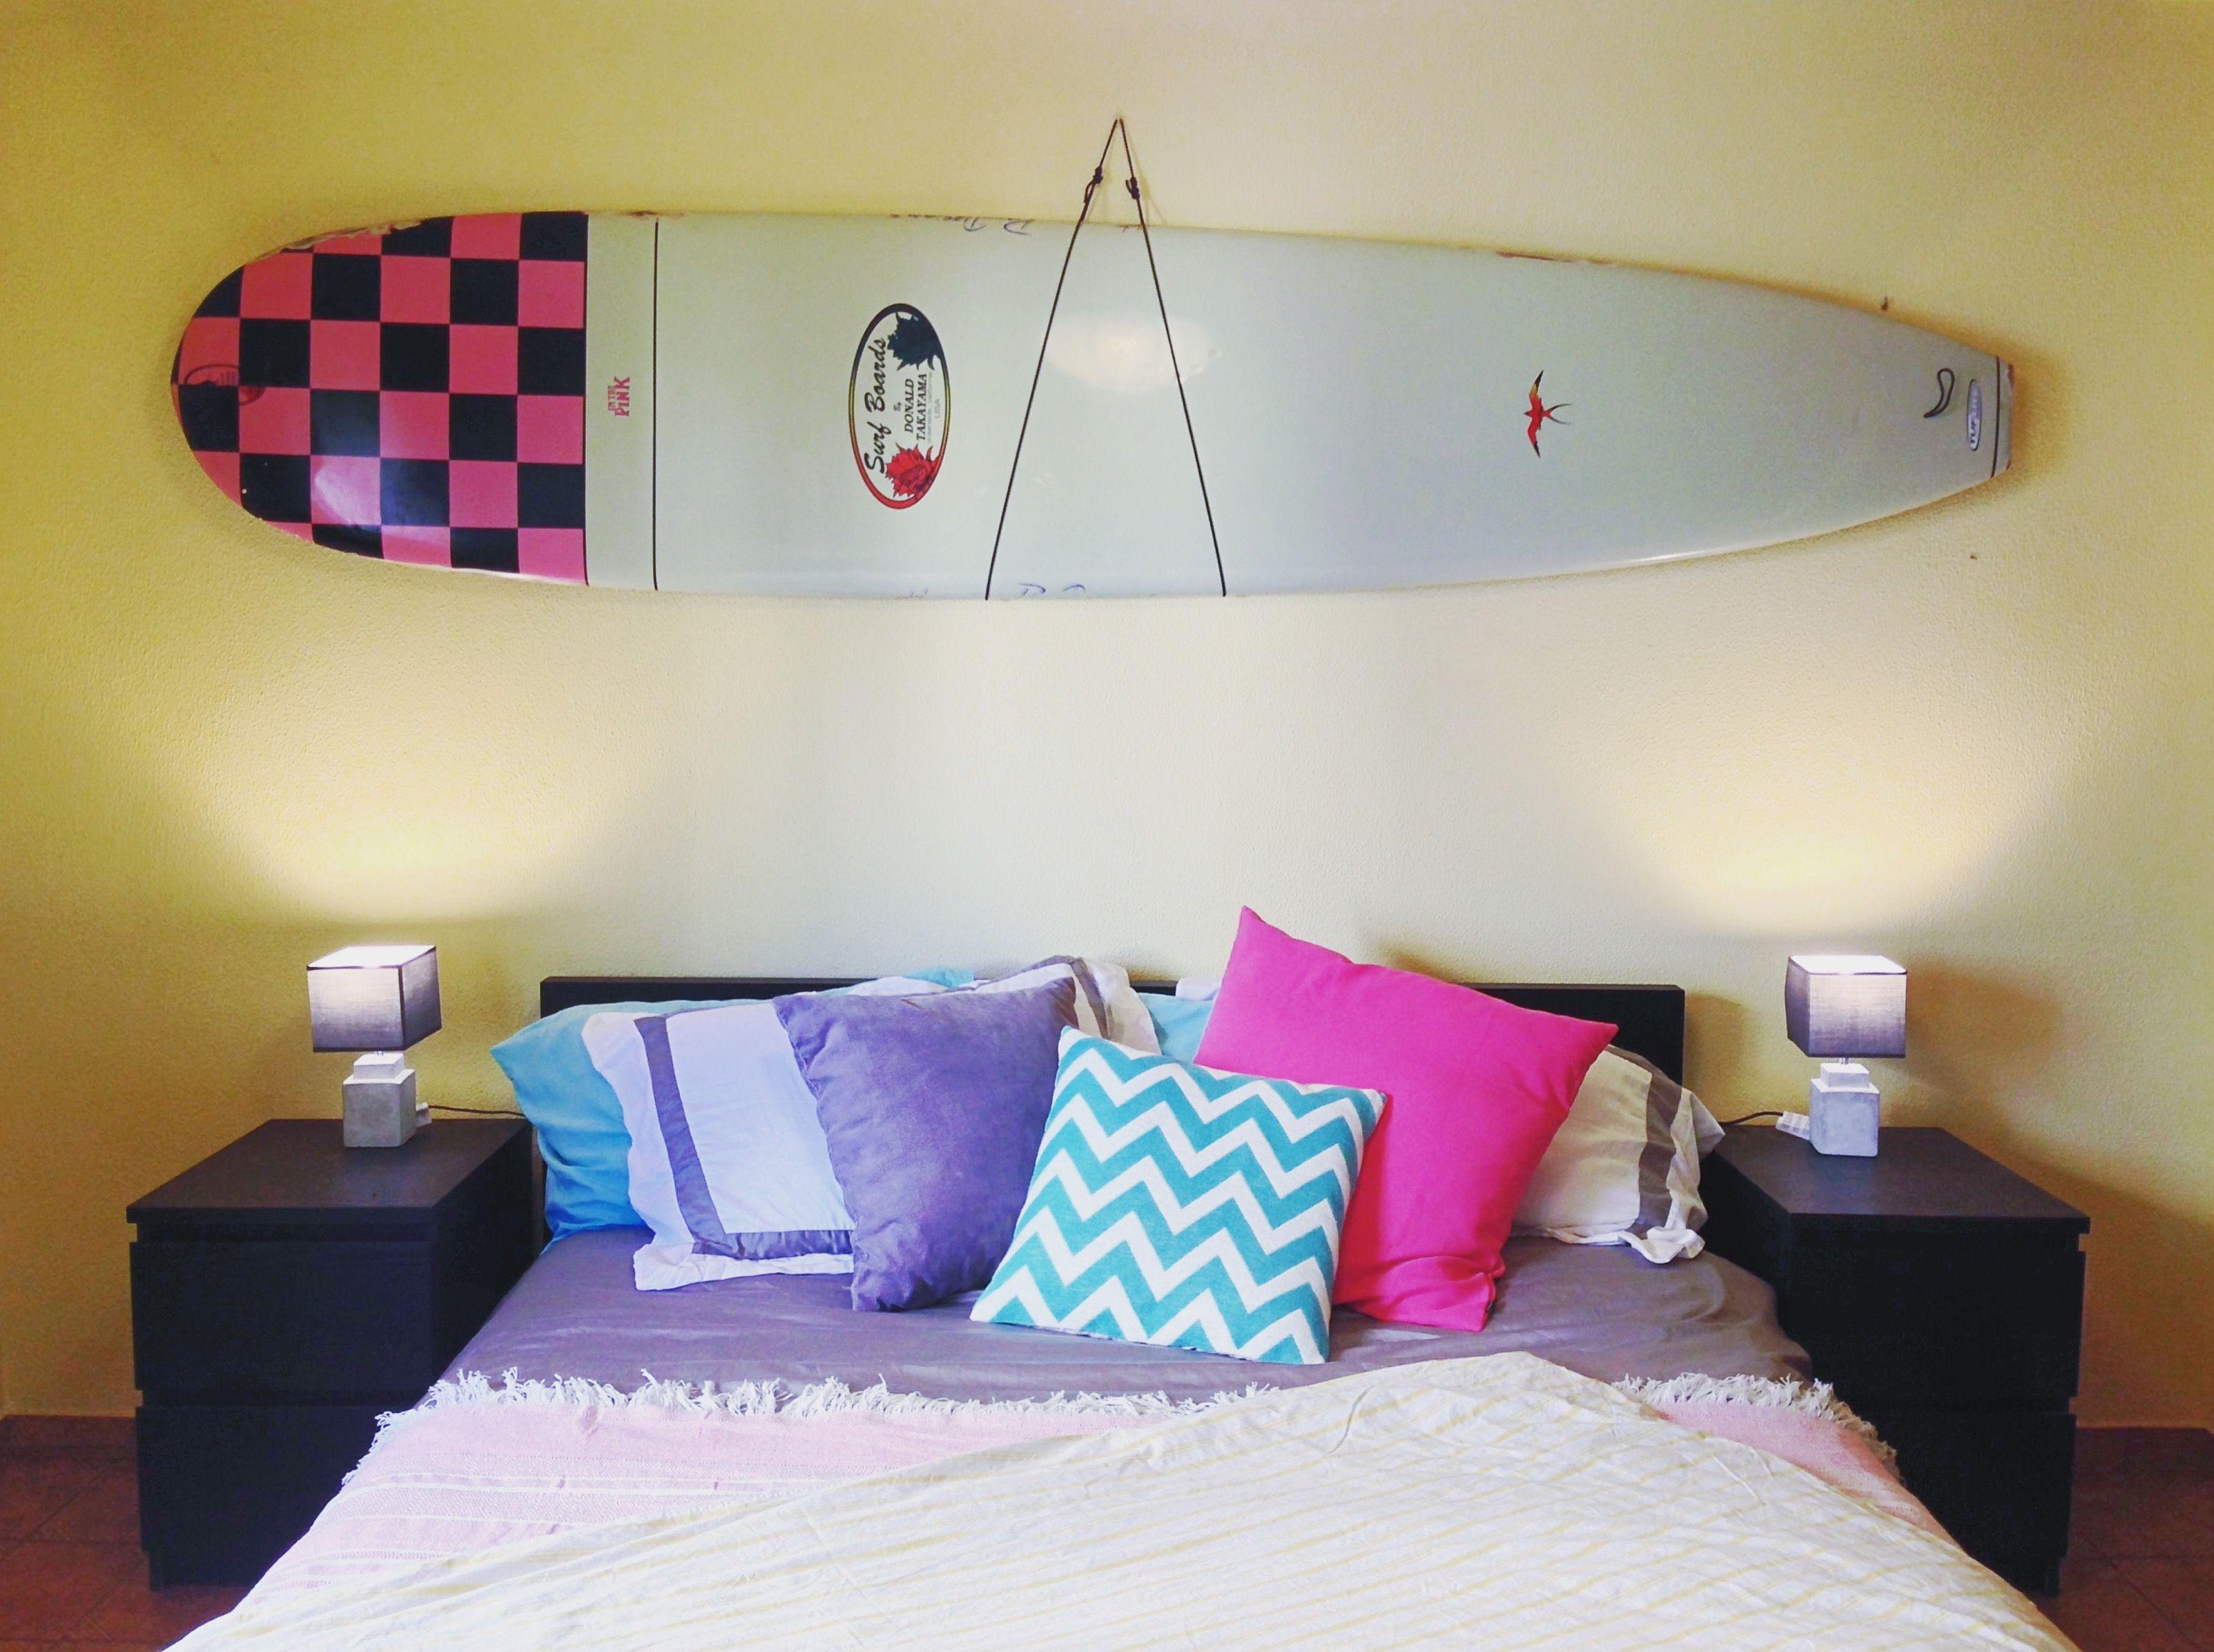 Takayama #InThePink #Surfboard #Bedroom #Pink #Turquoise #Yellow ...